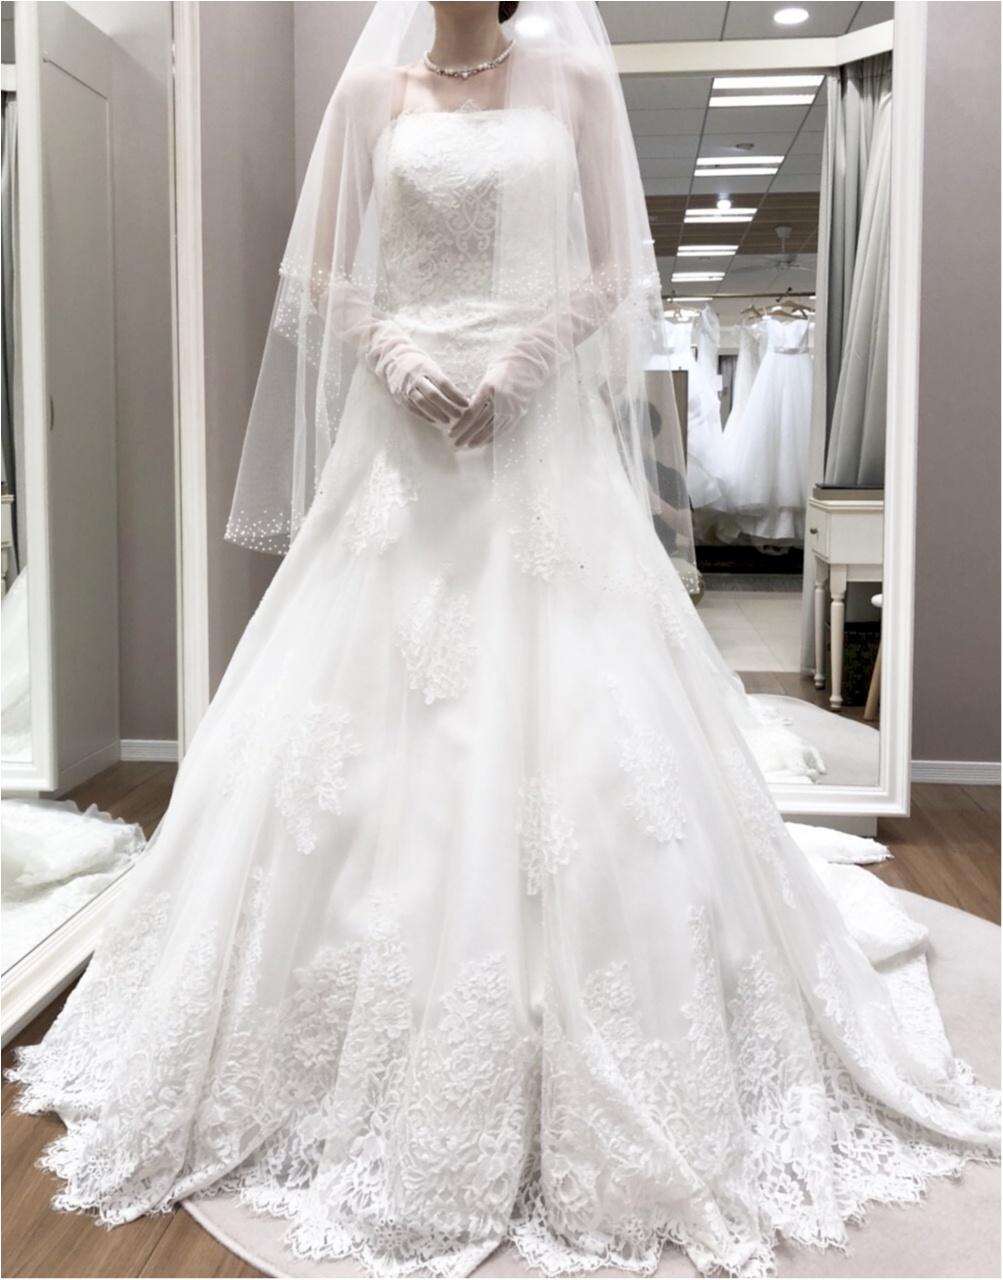 結婚式特集《ウェディングドレス編》- 20代に人気の種類やブランドは?_16